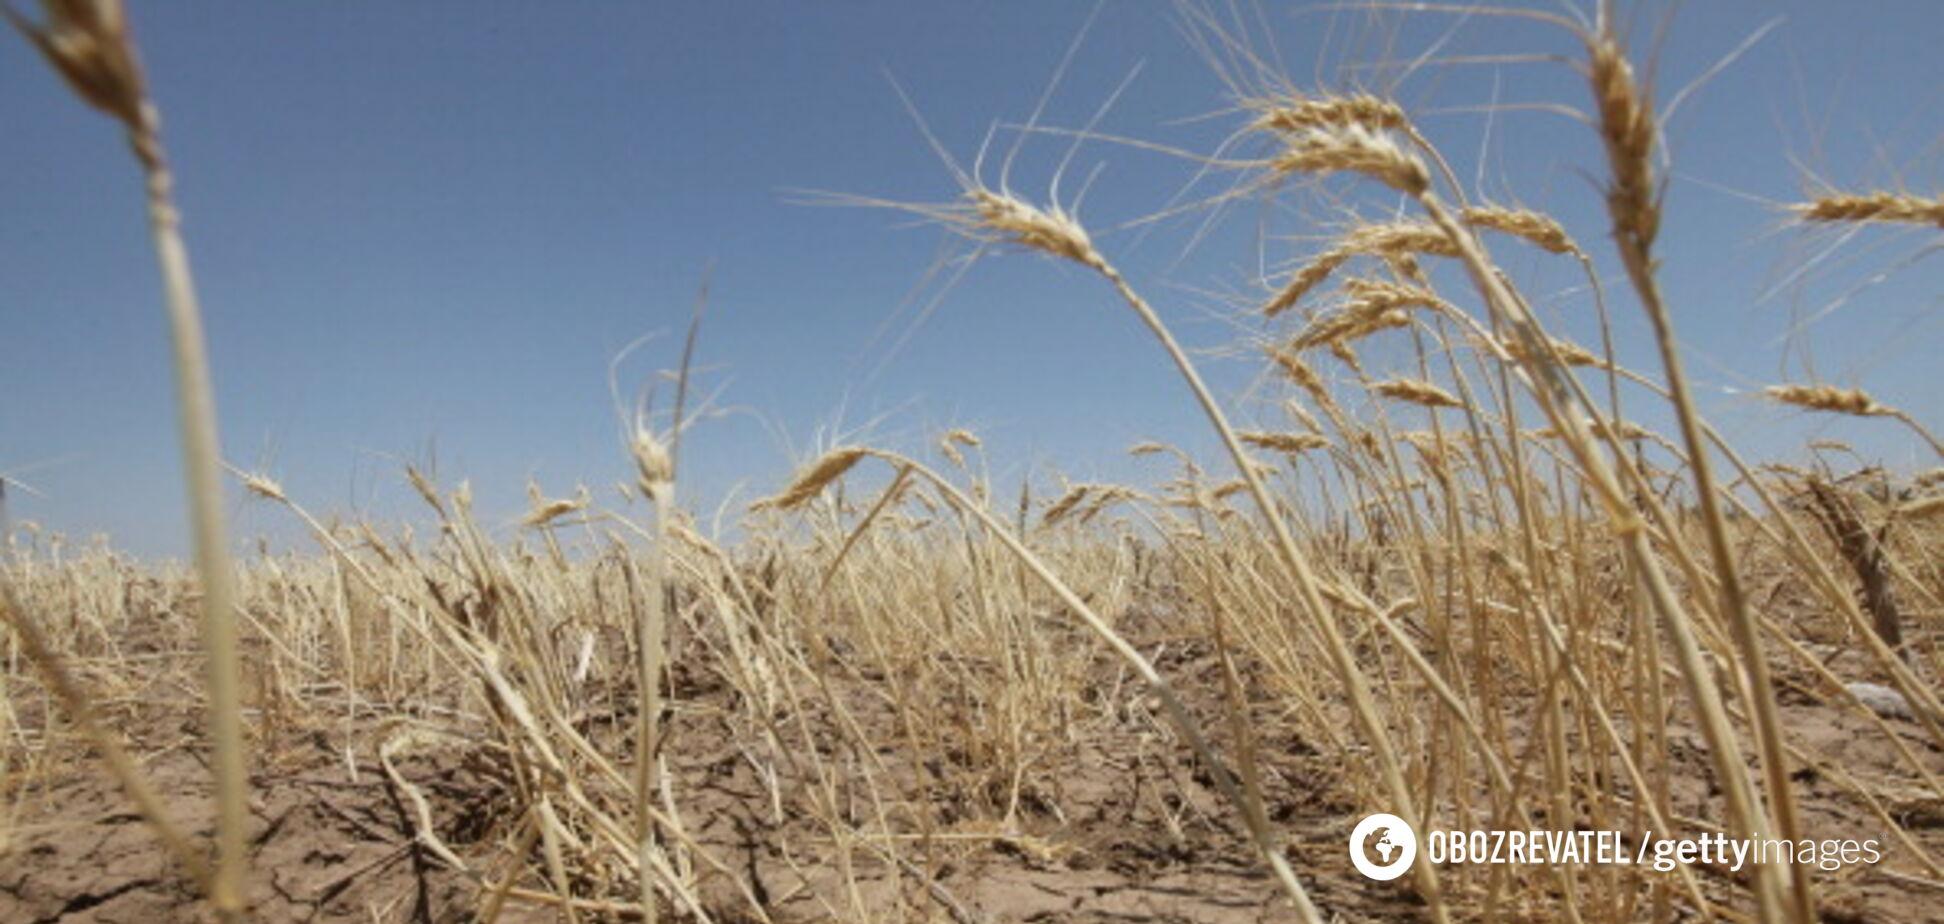 Катастрофическая засуха в Крыму обострилась: оккупанты положили глаз на реки